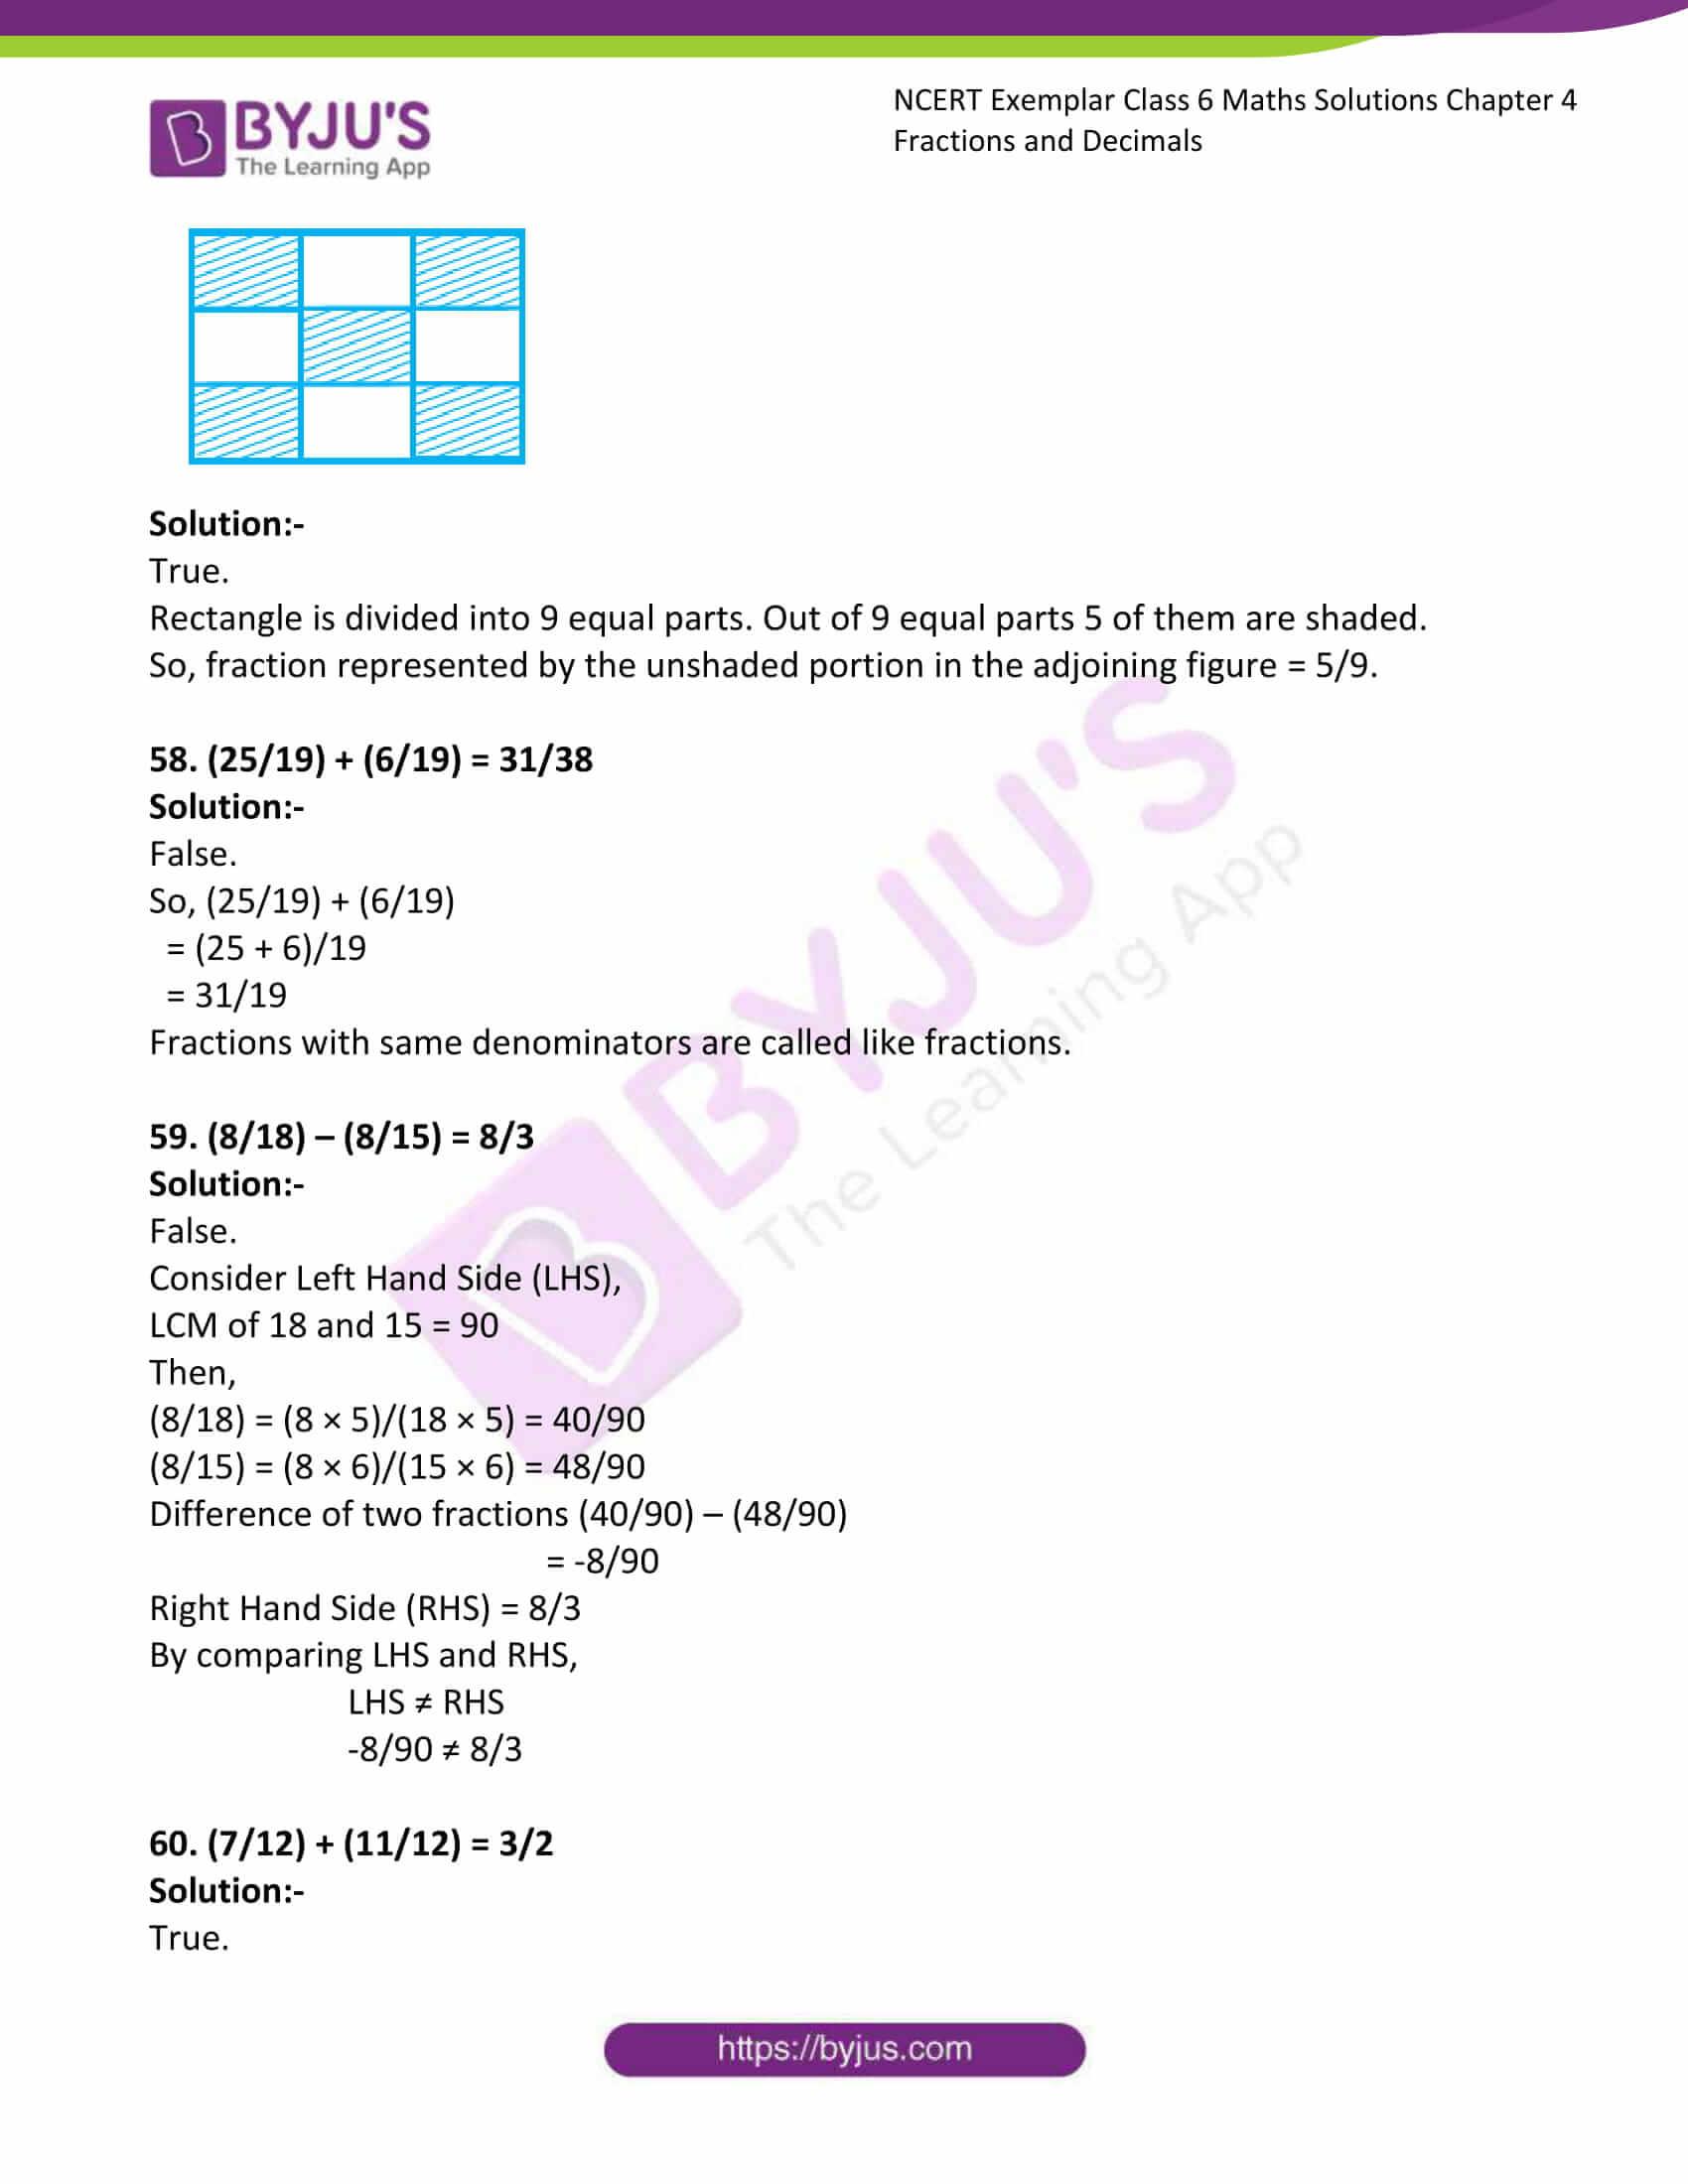 ncert exemplar class 6 maths sol ch 4 14